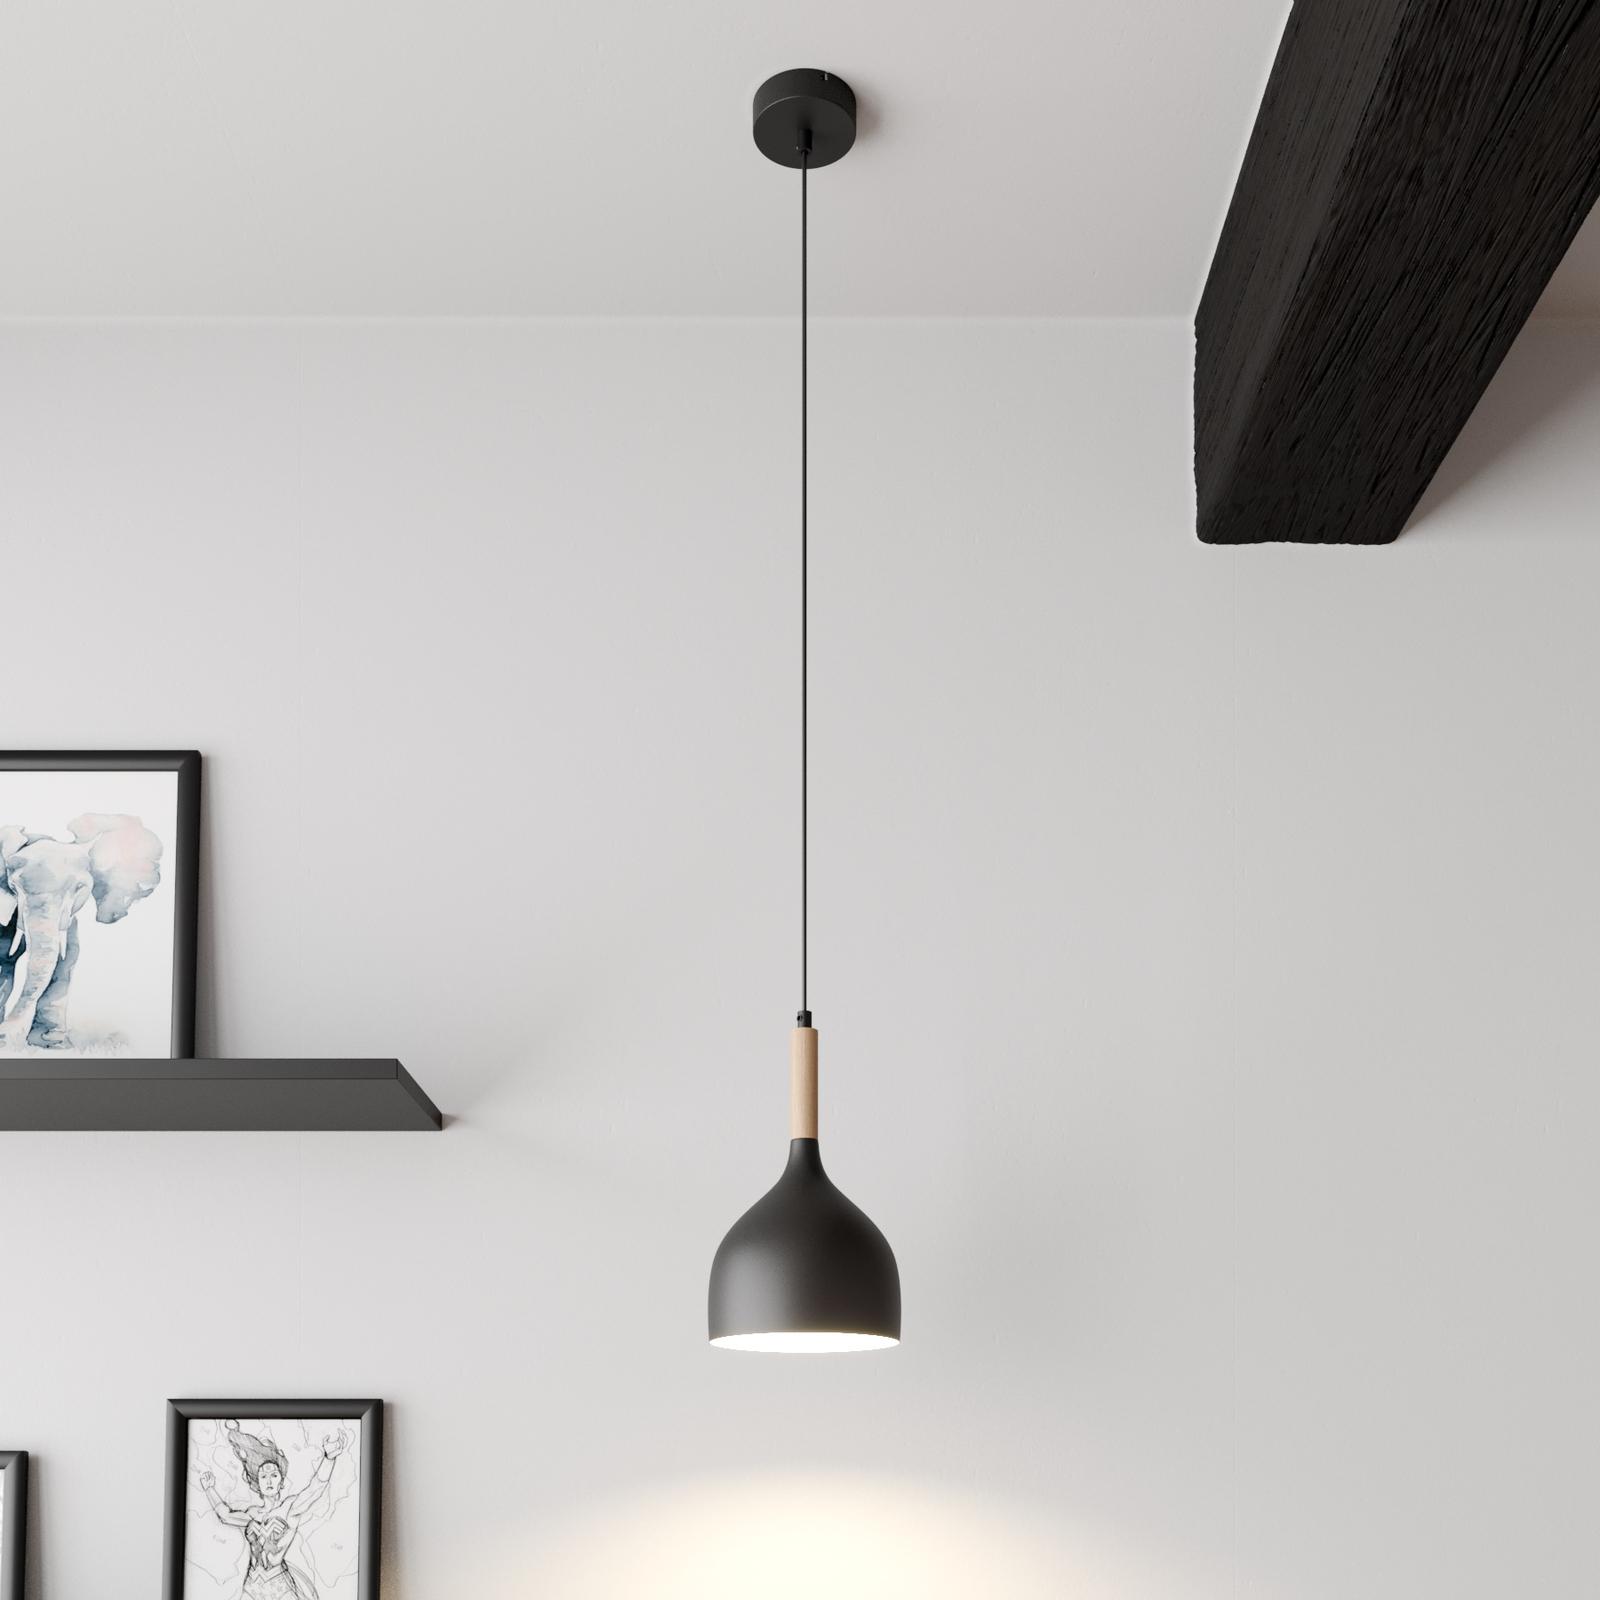 Noak hængelampe, 1 lyskilde, sort/naturtræ